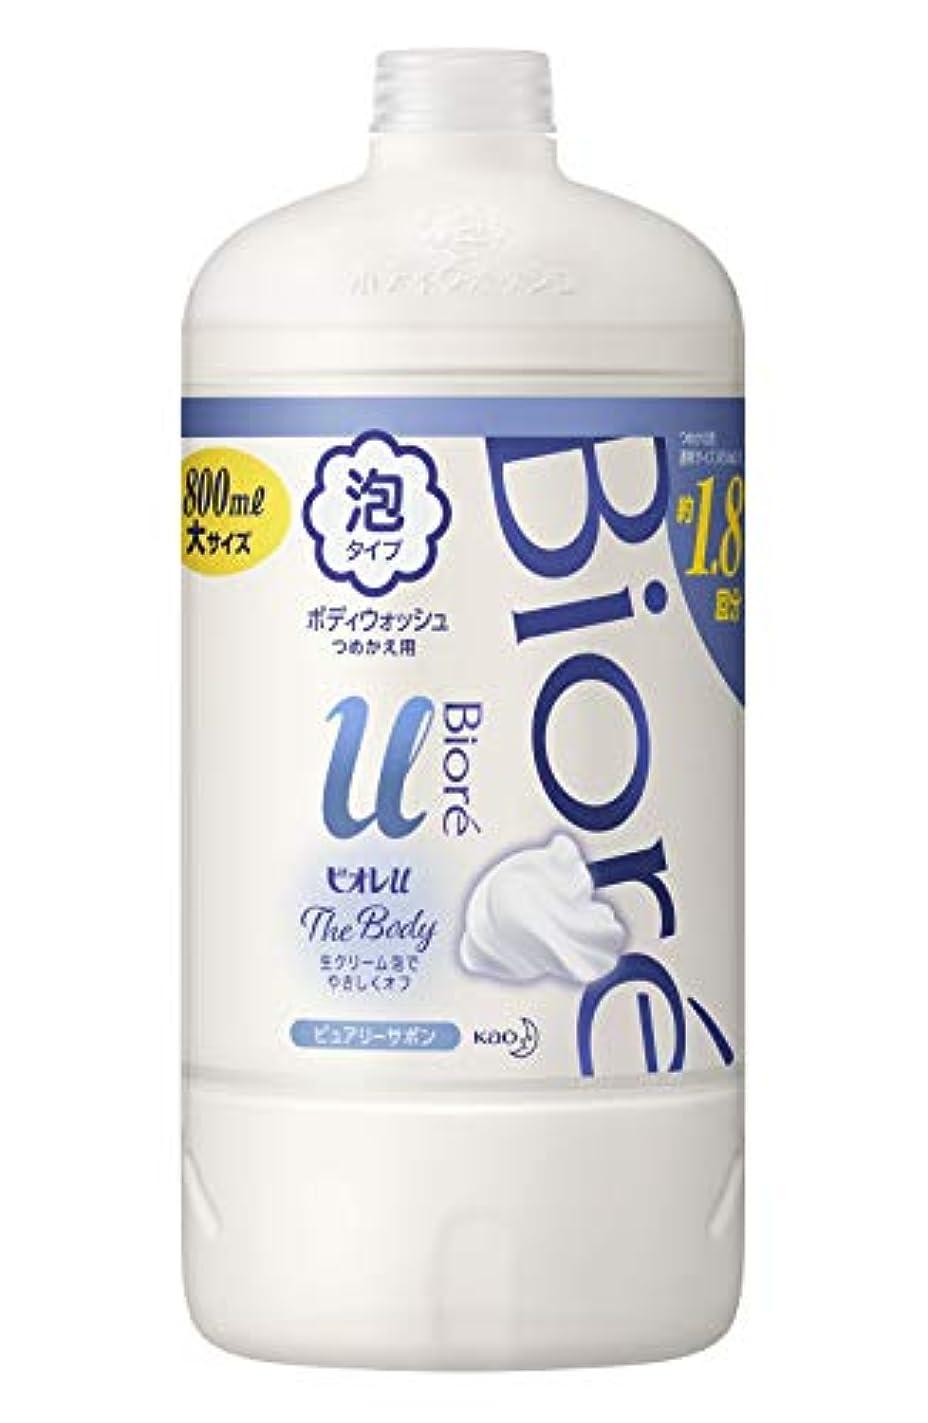 スピリチュアル風刺行方不明【大容量】 ビオレu ザ ボディ 〔 The Body 〕 泡タイプ ピュアリーサボンの香り つめかえ用 800ml 「高潤滑処方の生クリーム泡」